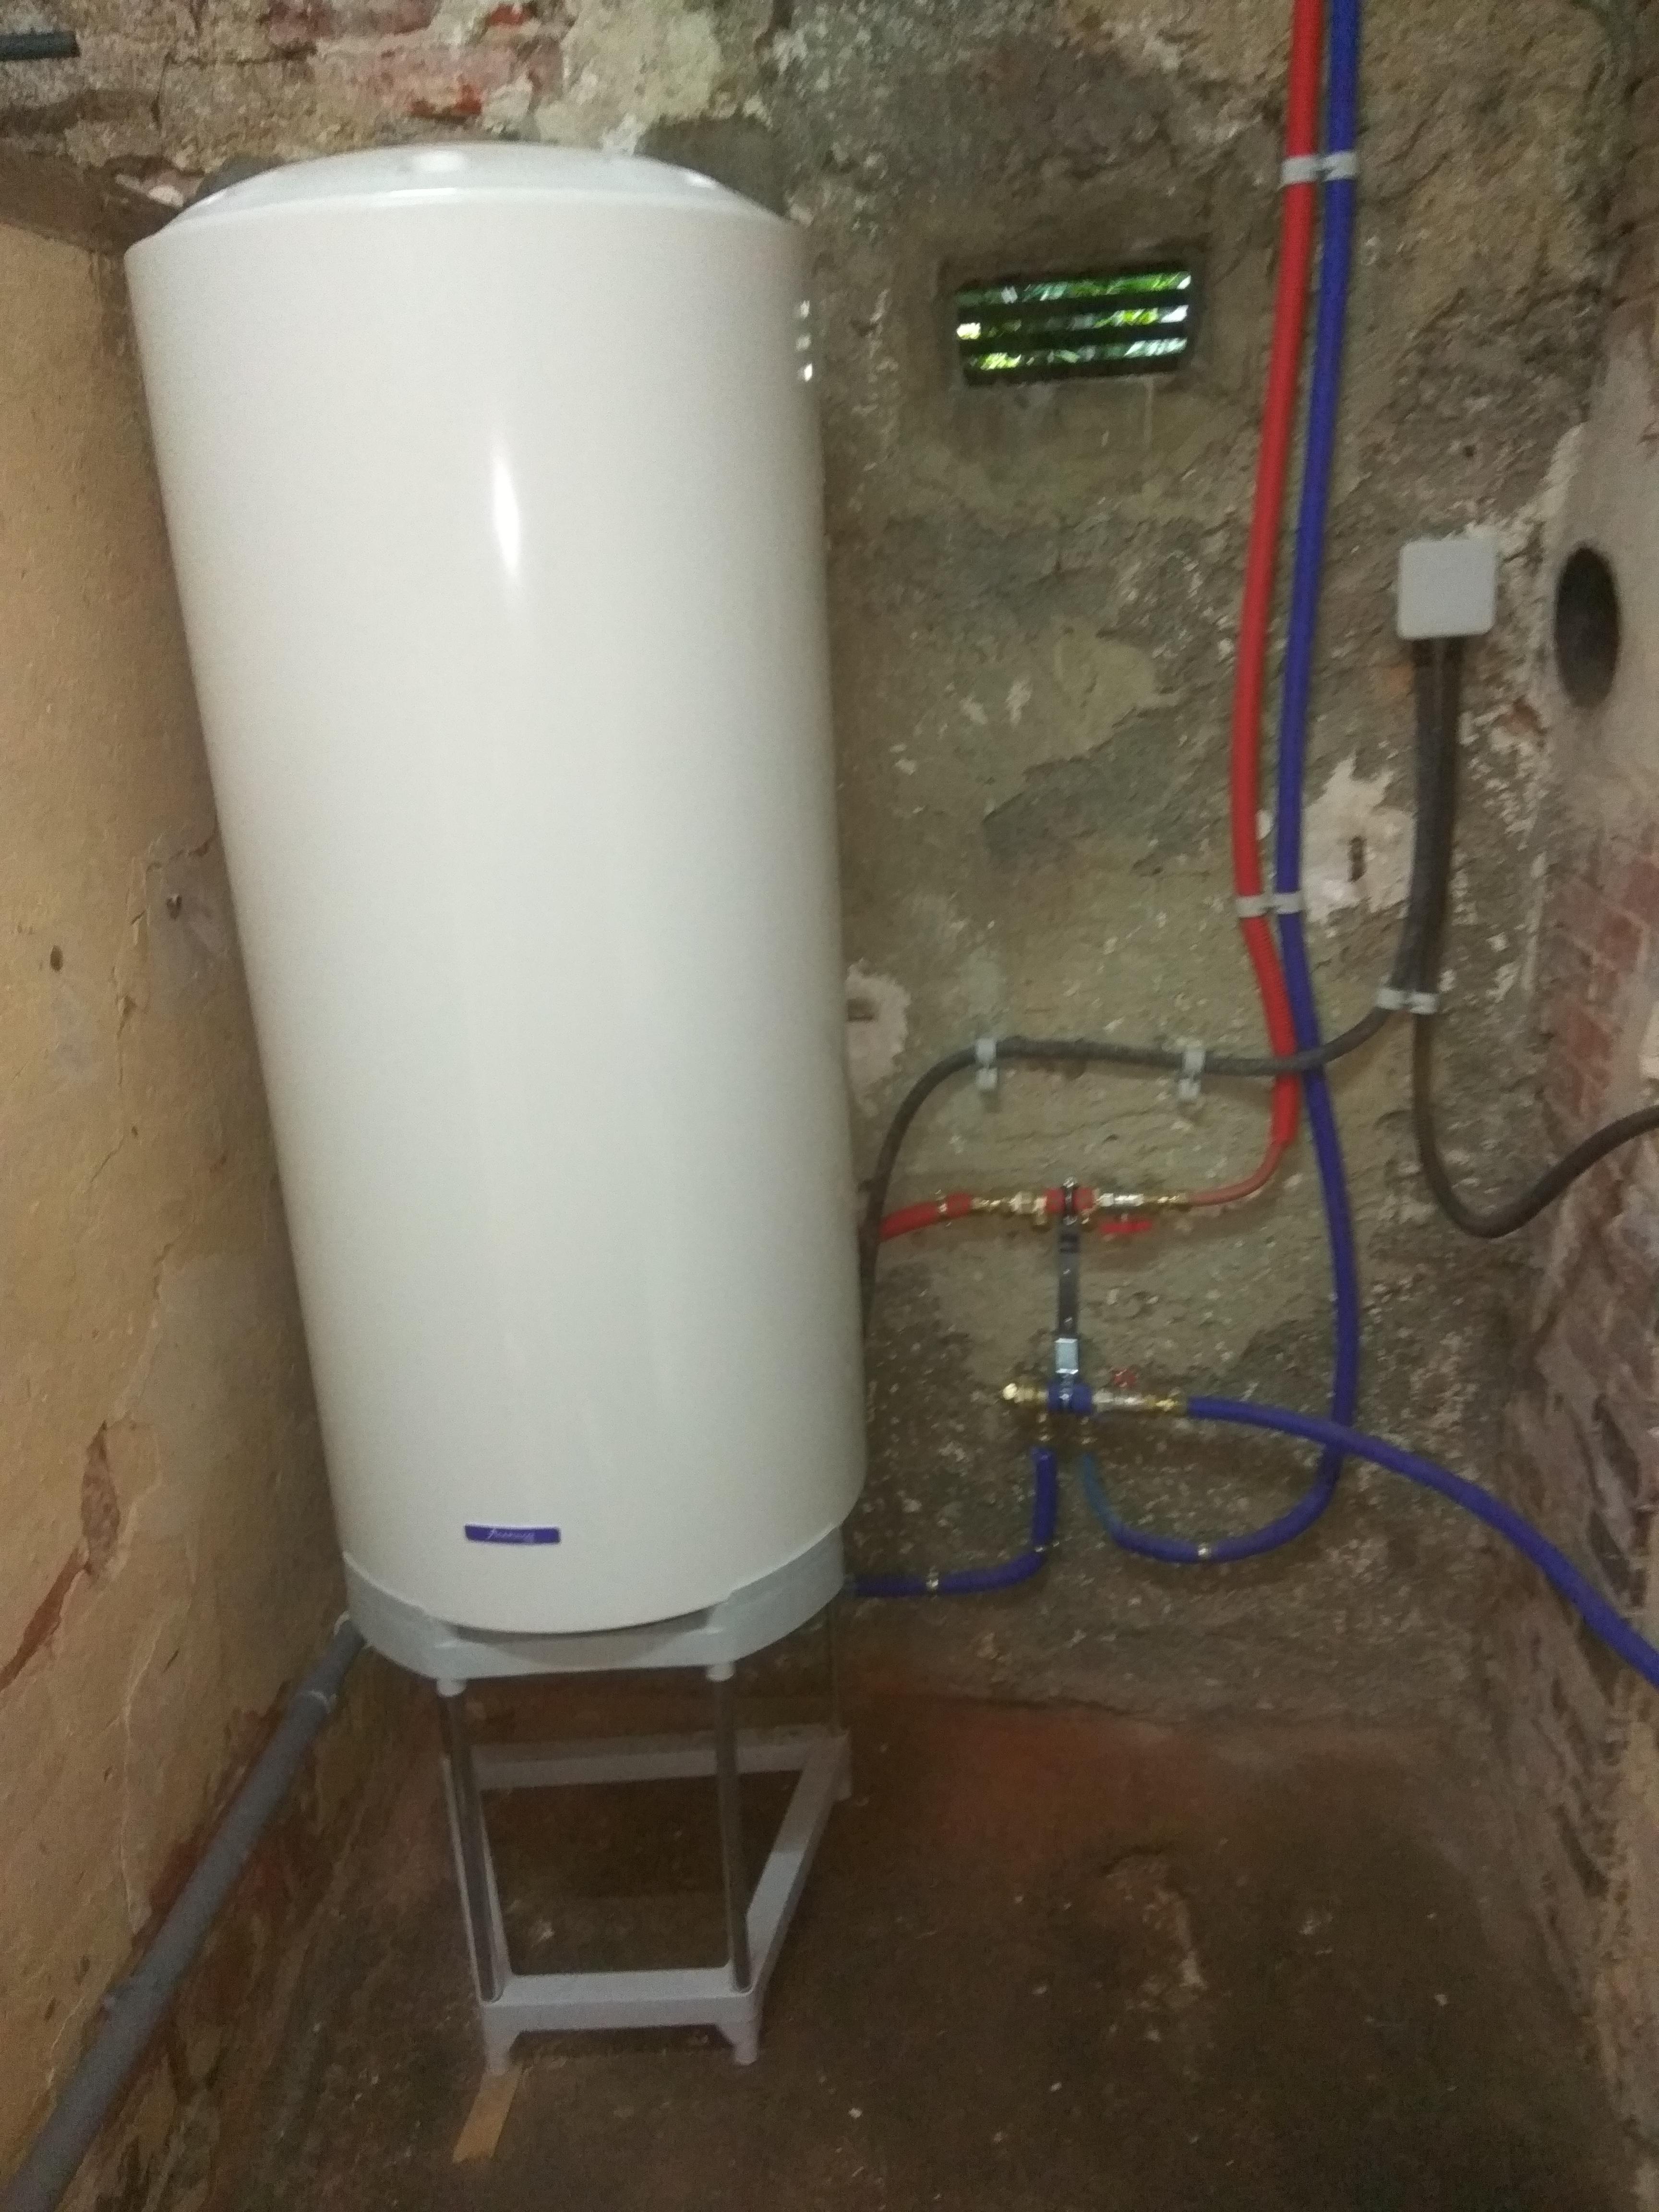 Remplacement d'un chauffe-eau électrique